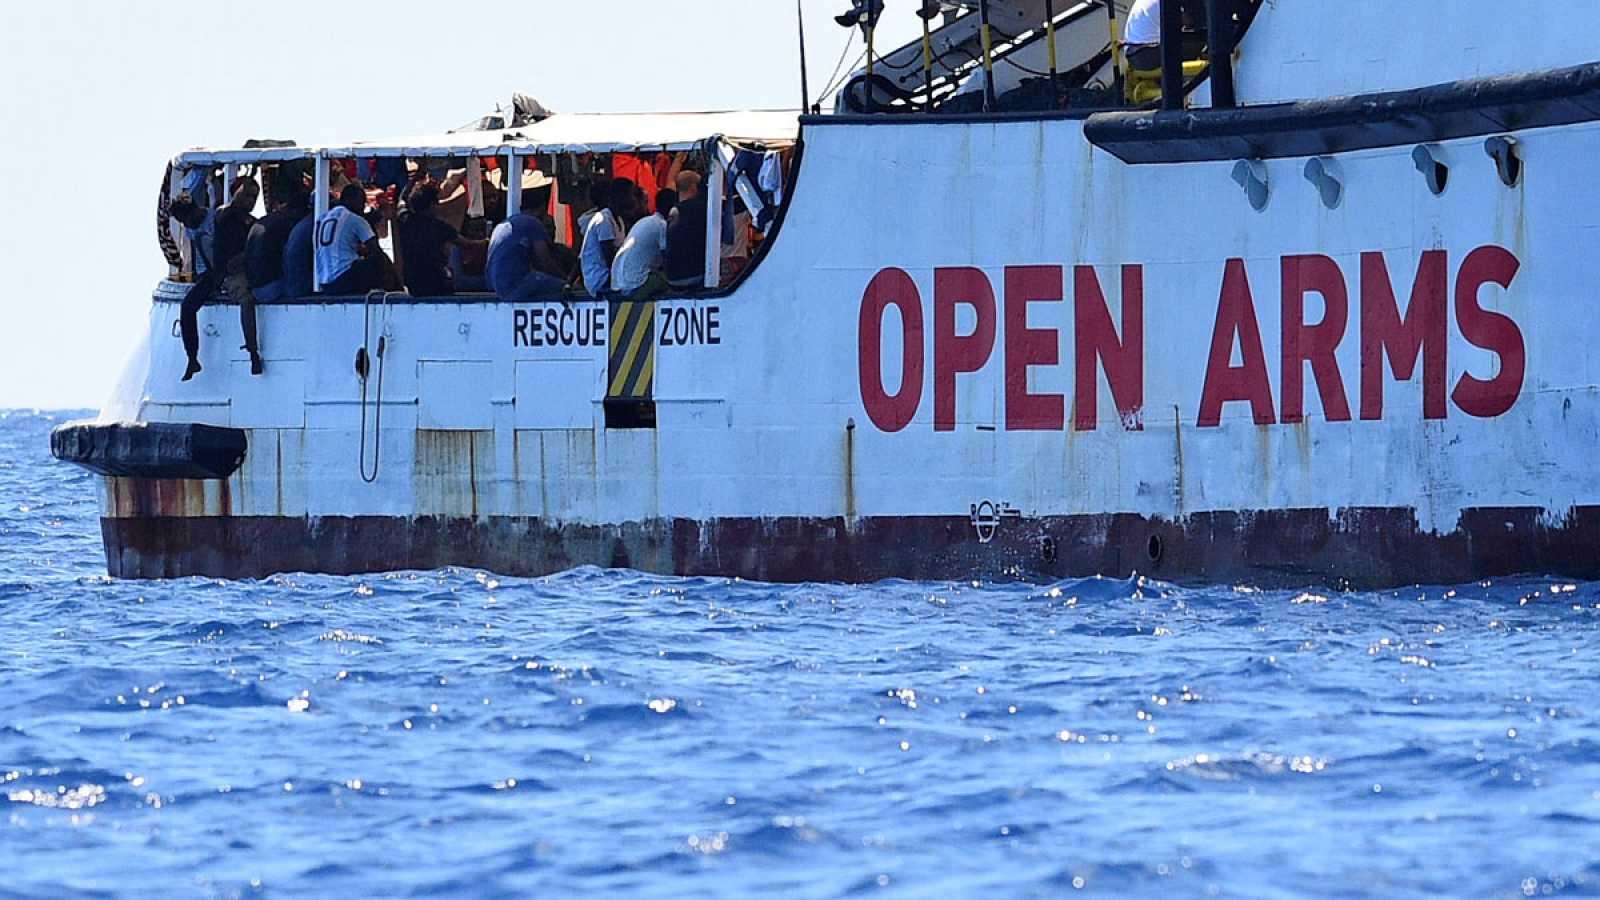 Lozano lamenta la insolidaridad de Landaluce con los migrantes del Open Arms